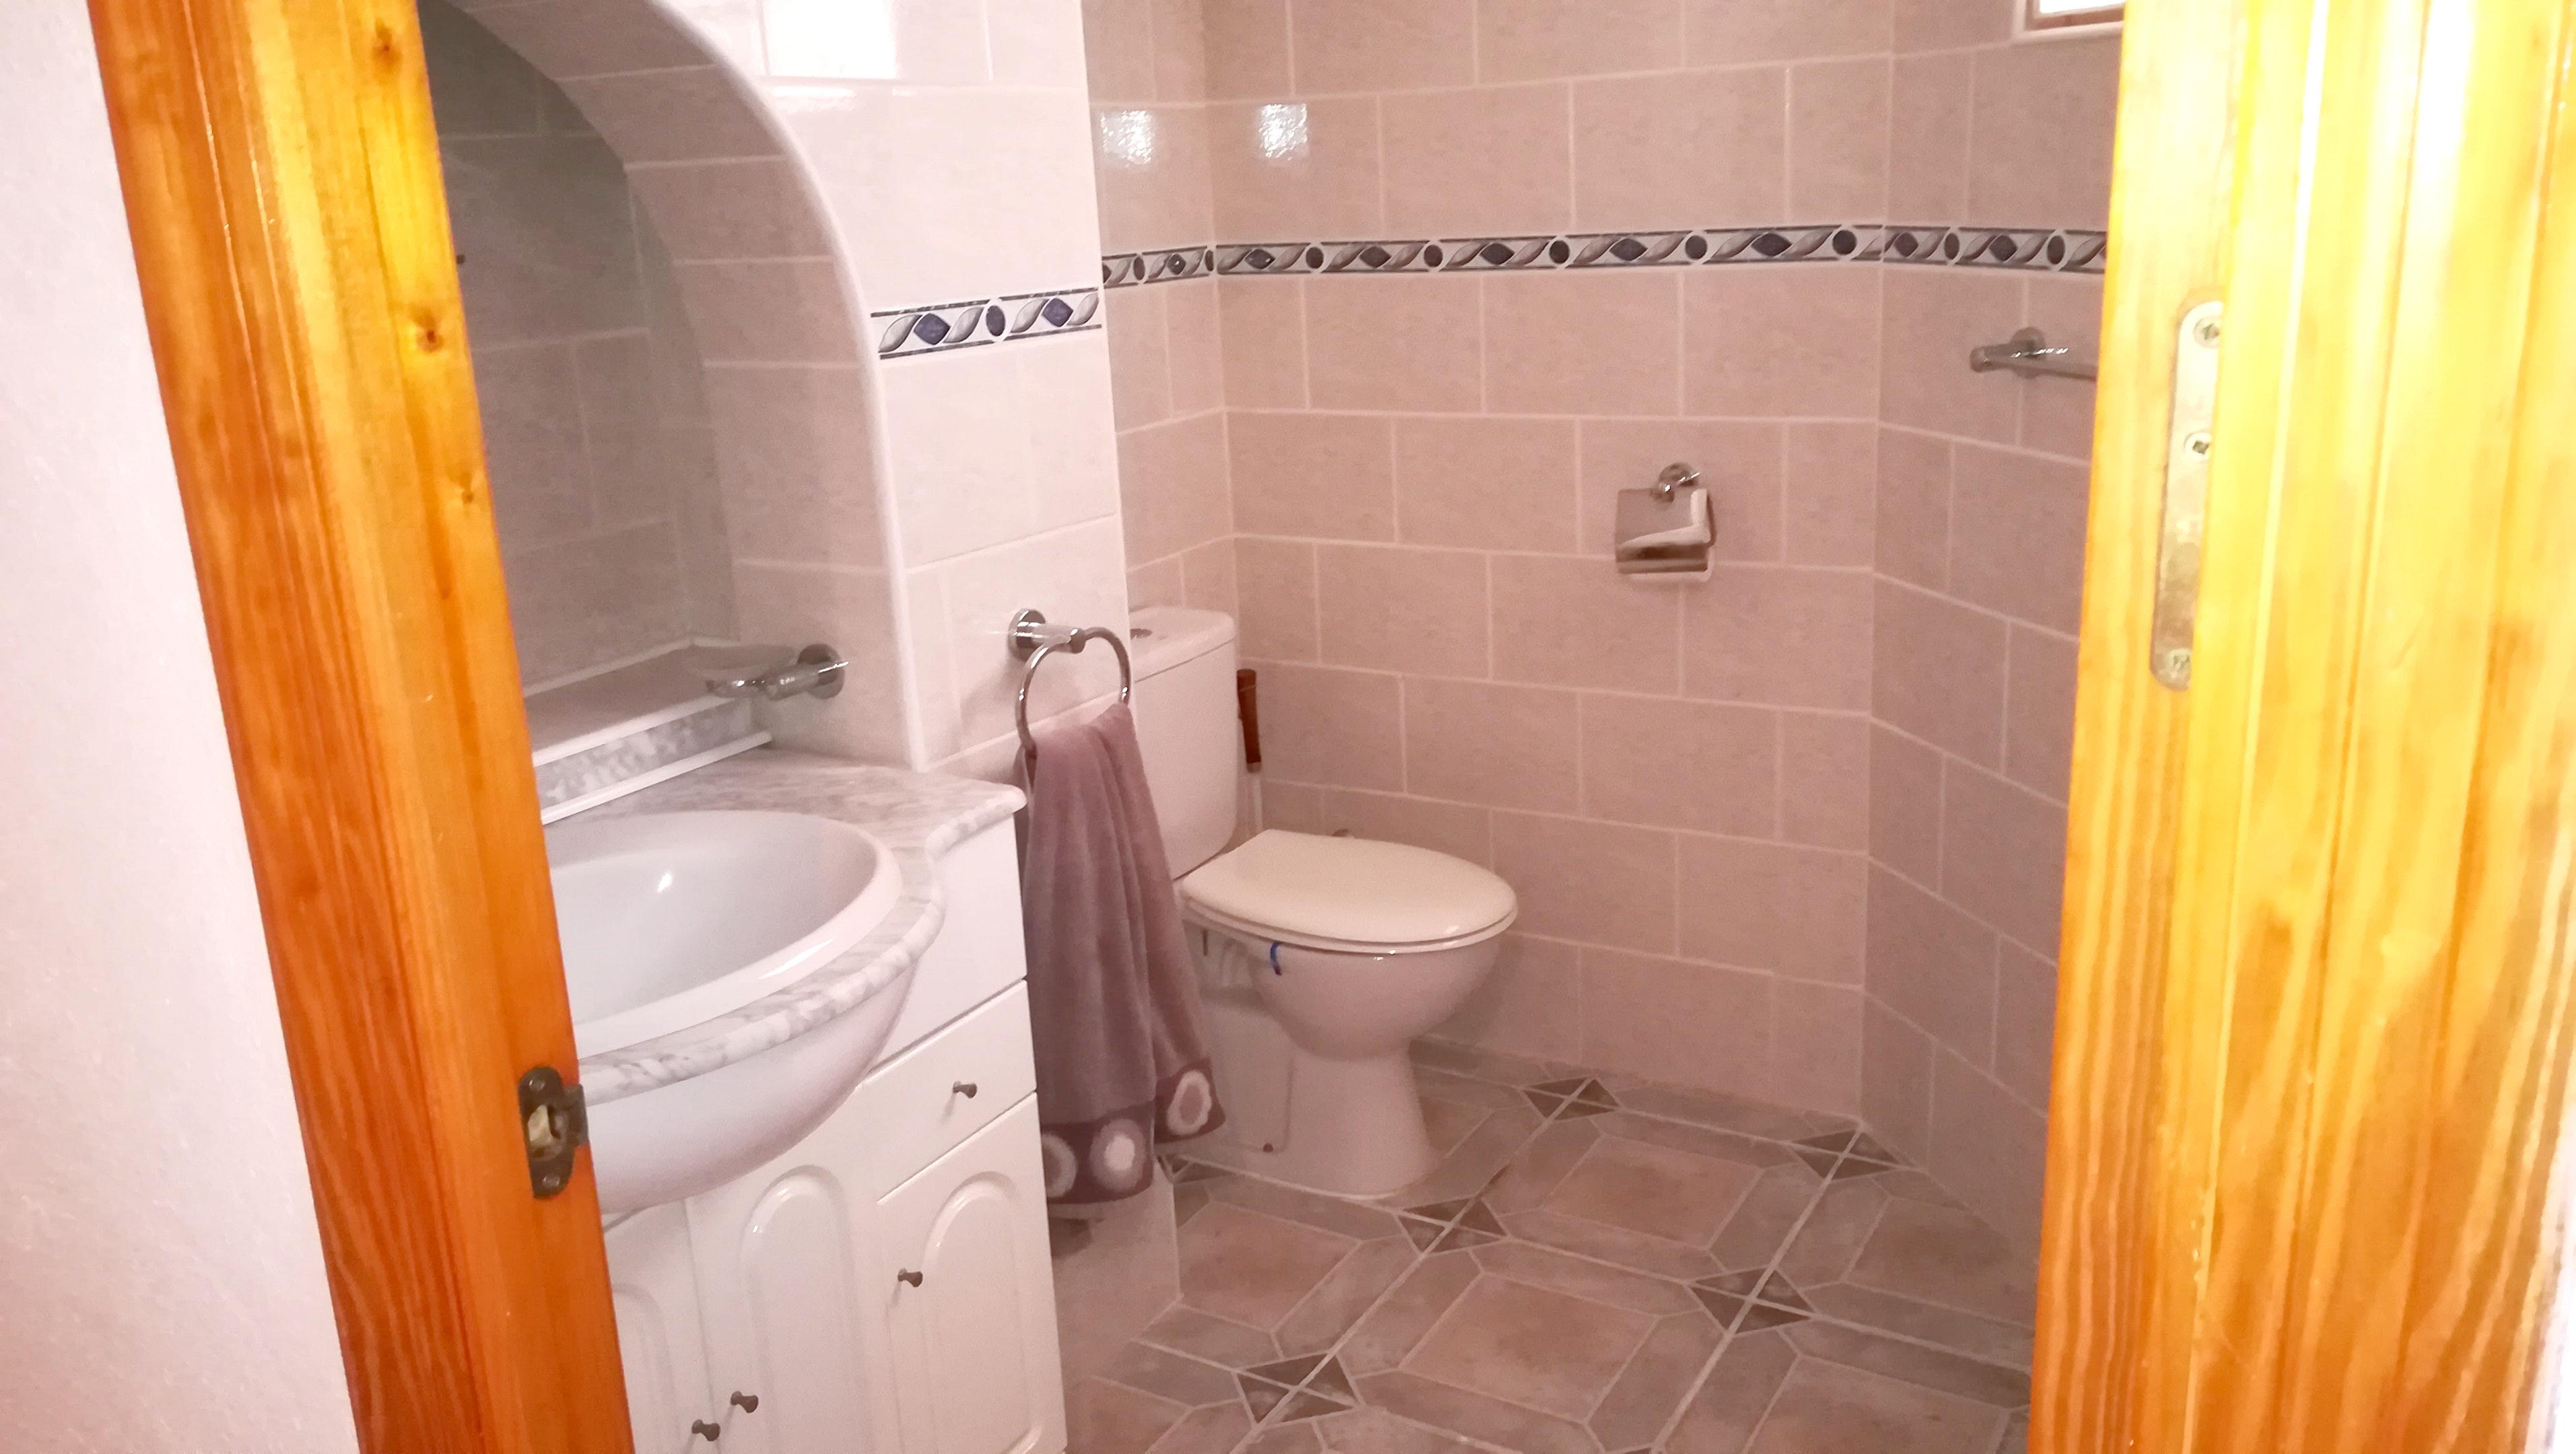 Appartement de vacances Wohnung mit 2 Schlafzimmern in Mazarrón mit toller Aussicht auf die Berge, privatem Pool,  (2632538), Mazarron, Costa Calida, Murcie, Espagne, image 27